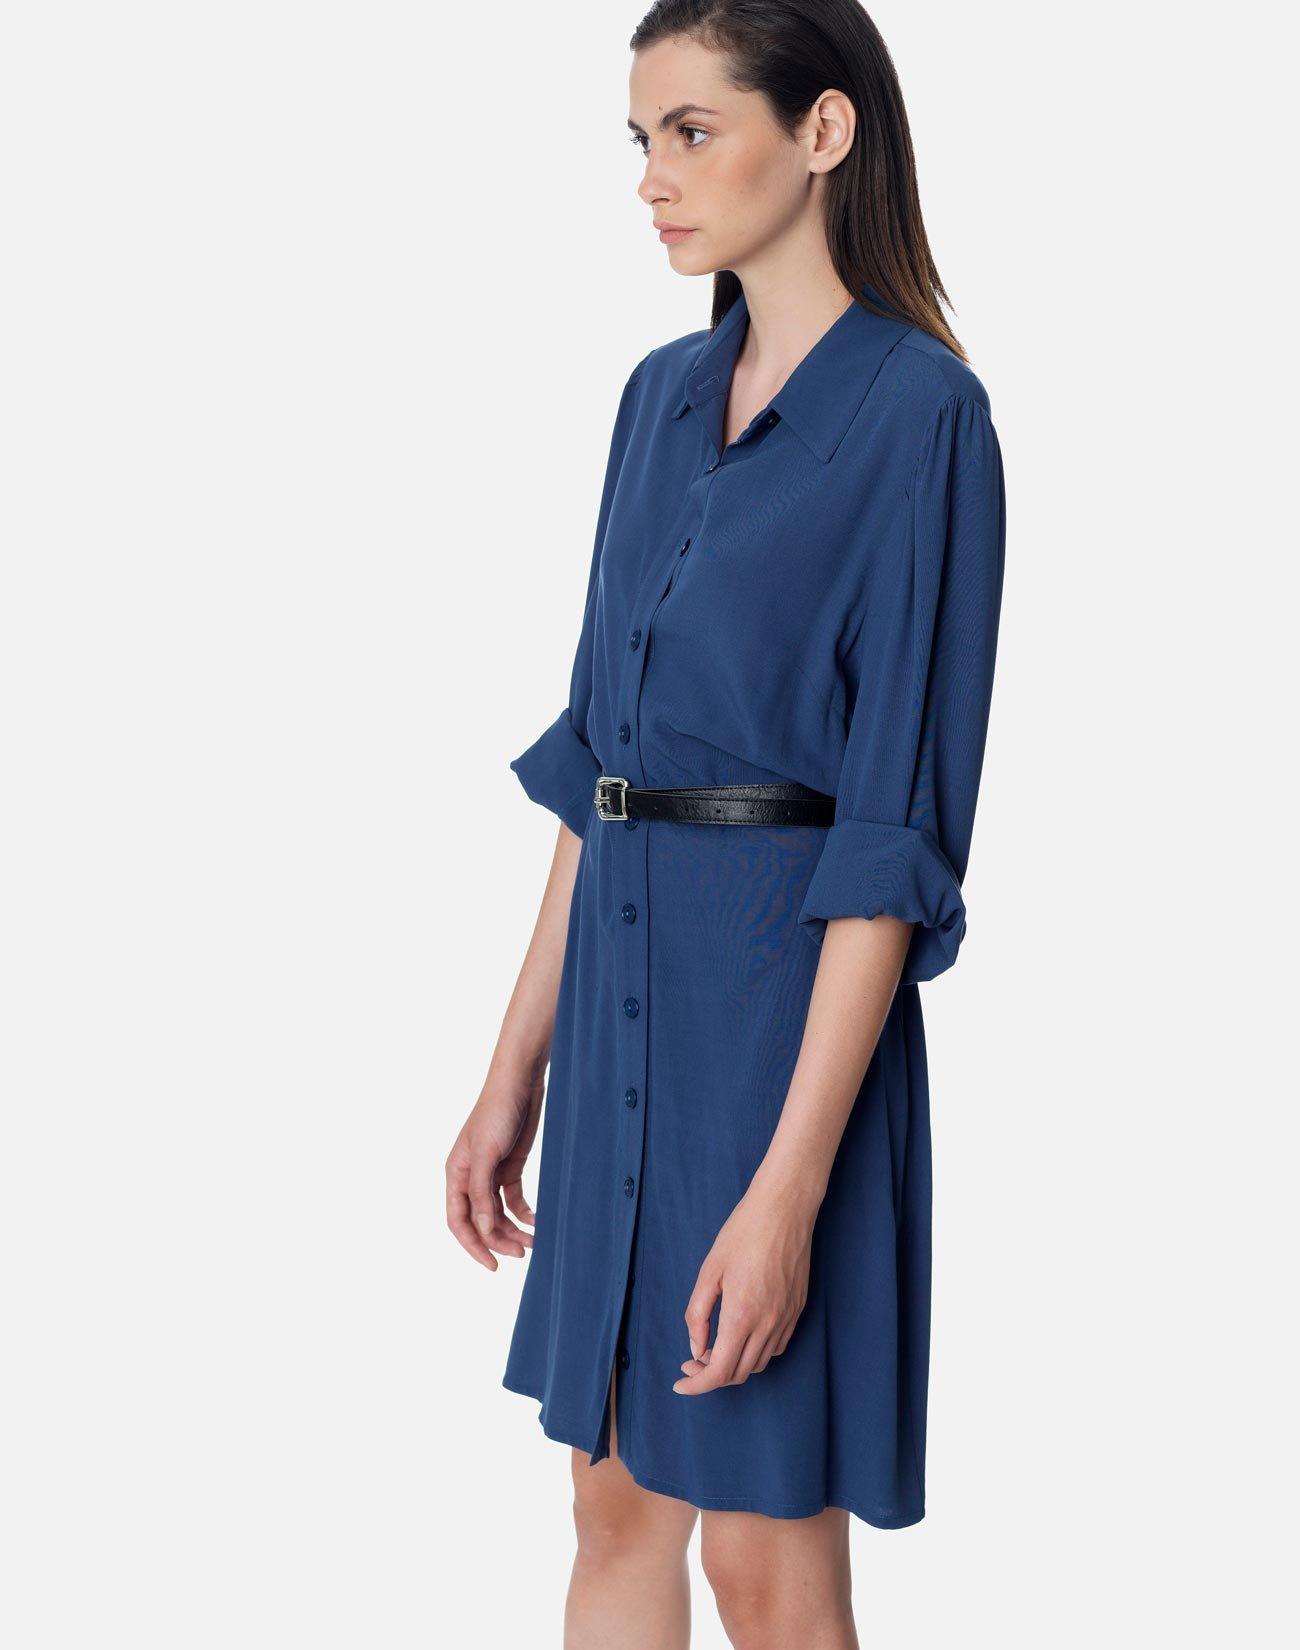 Μίνι φόρεμα σεμιζιέ